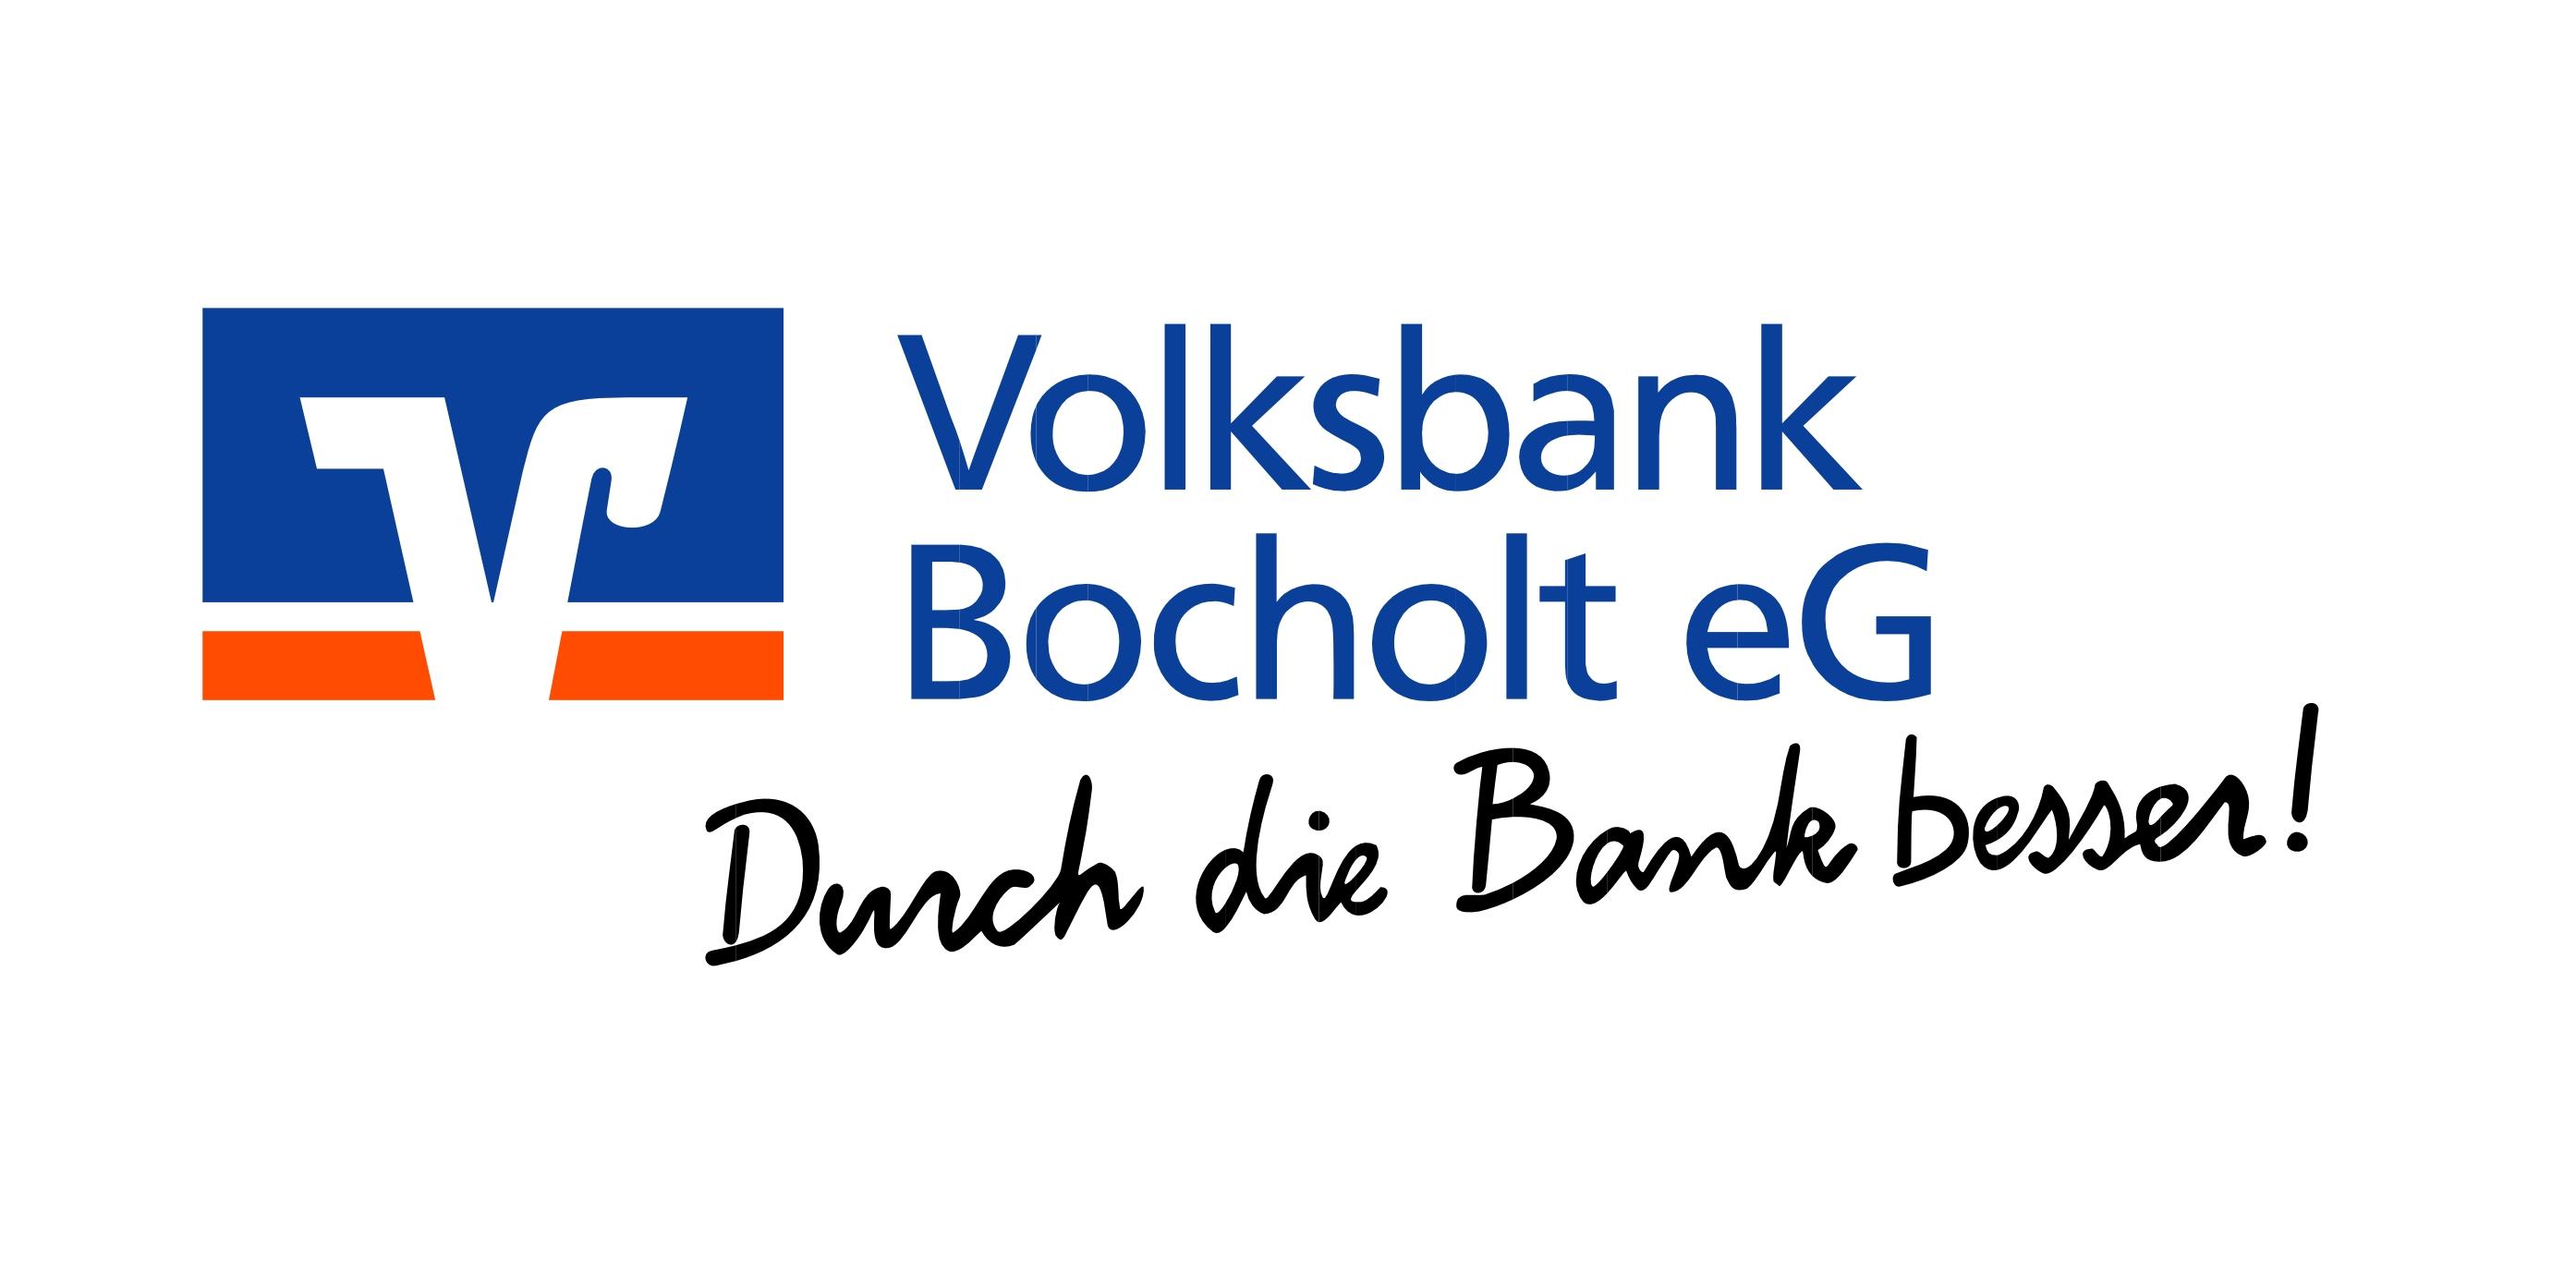 Volksbank Bocholt eG - Durch die Bank besser!